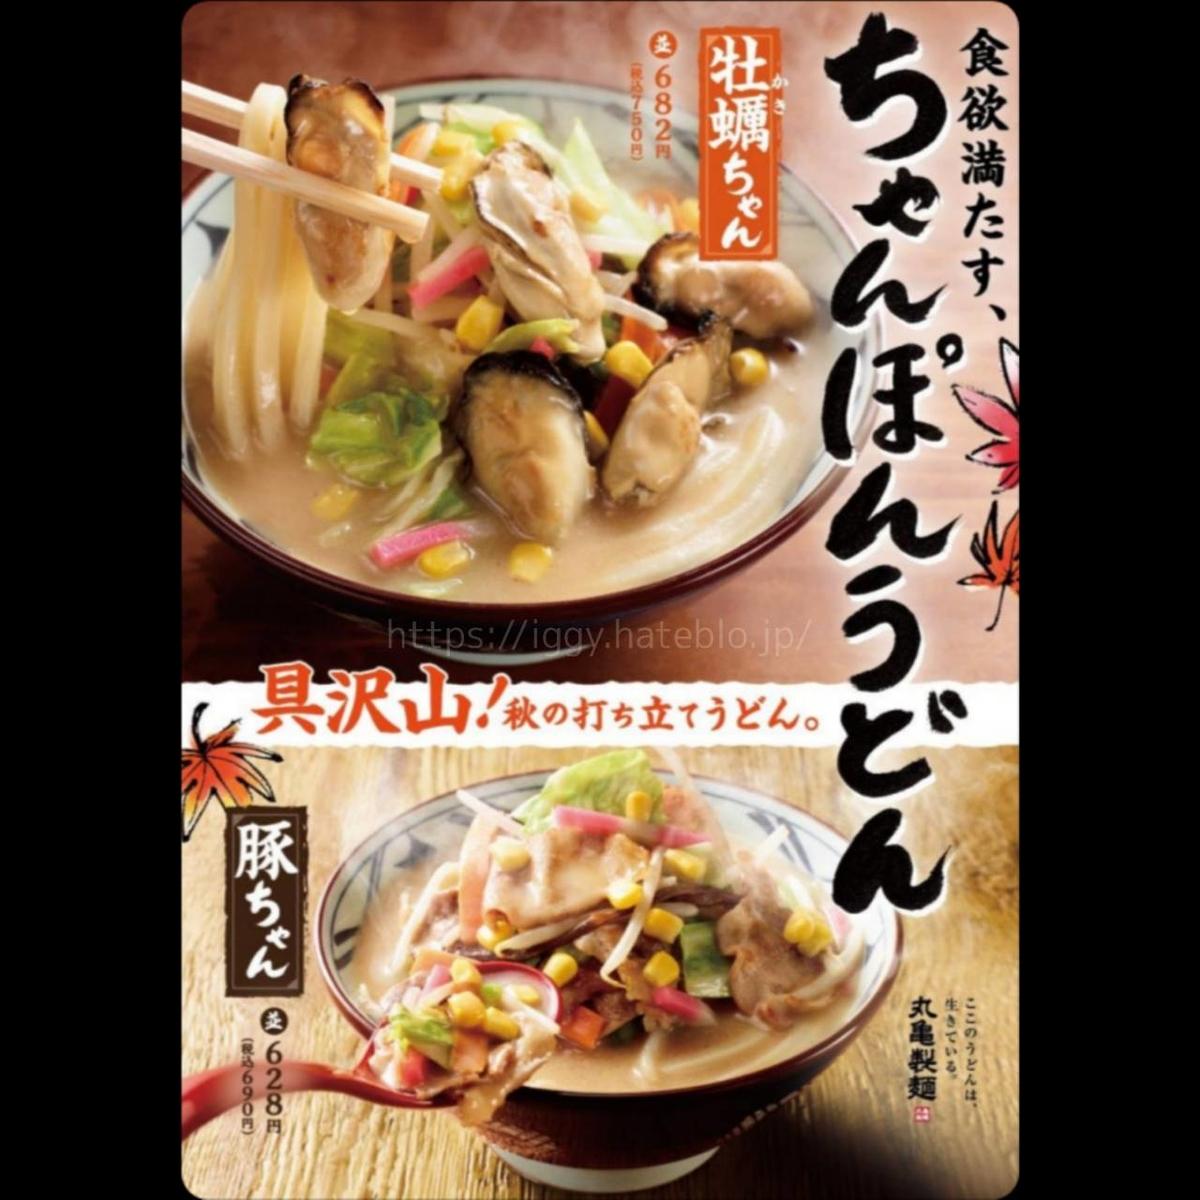 丸亀製麺 「牡蠣ちゃんぽんうどん」「豚ちゃんぽんうどん」季節限定メニュー 値段